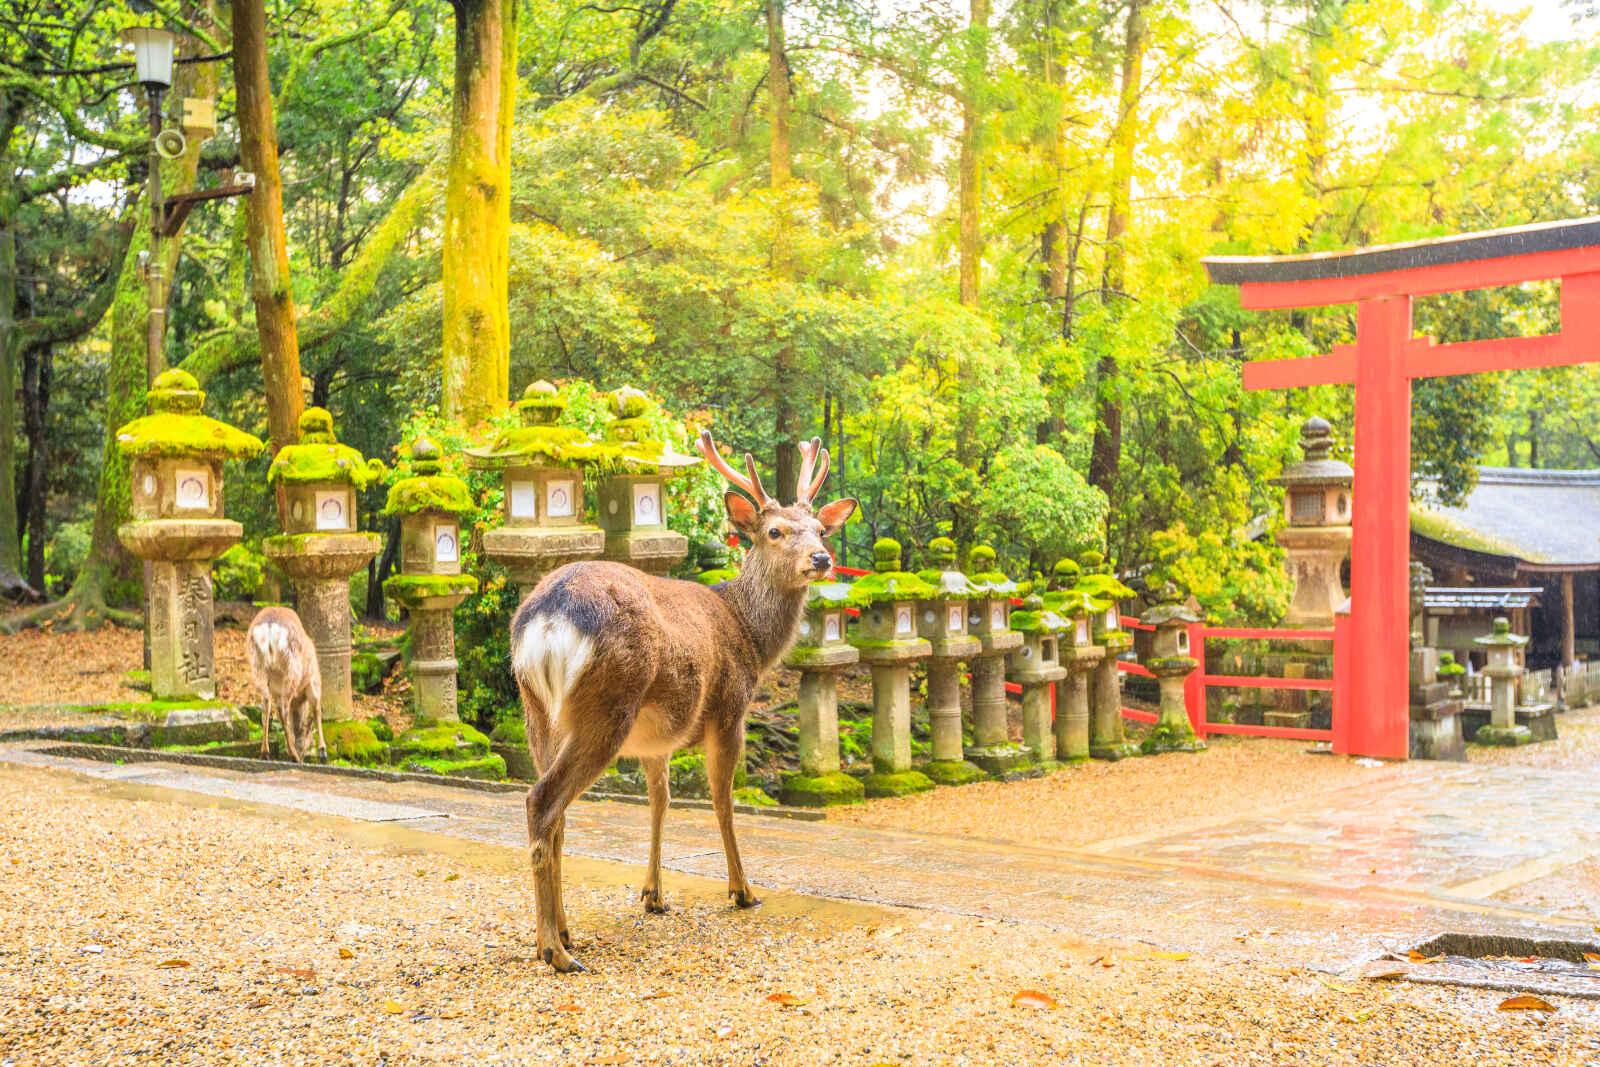 Séjour Japon - Au pays du soleil levant